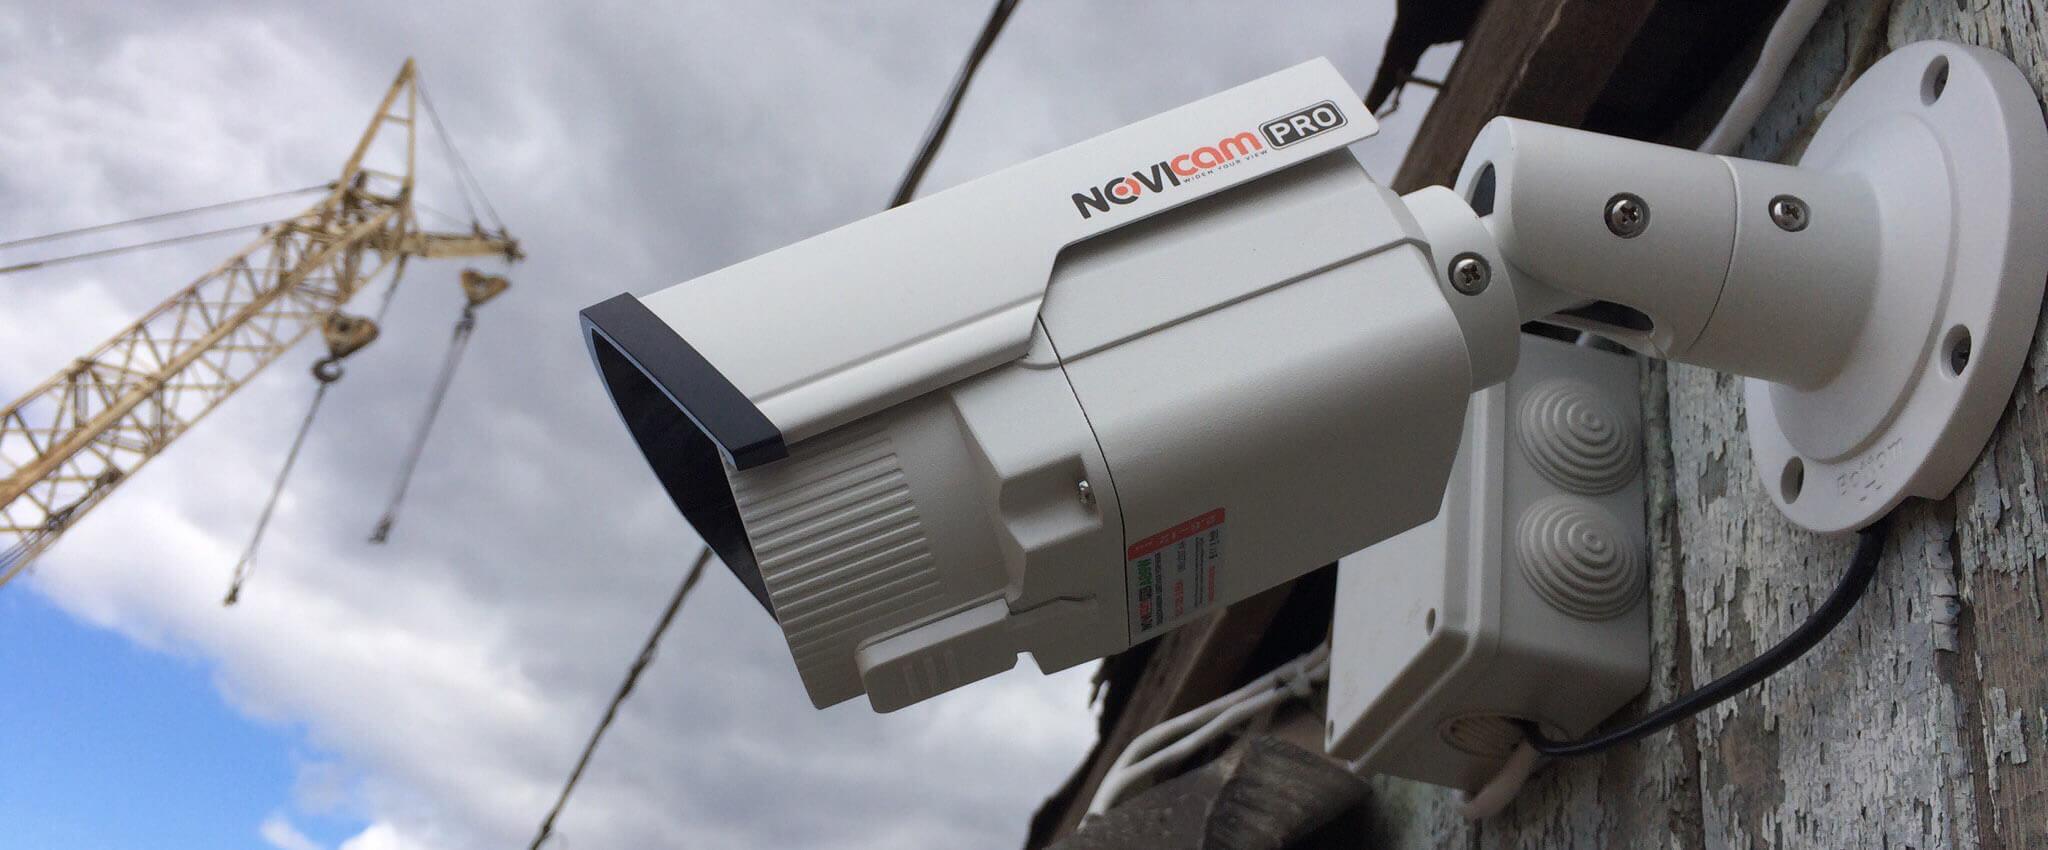 Камера видеонаблюдения Novicam PRO